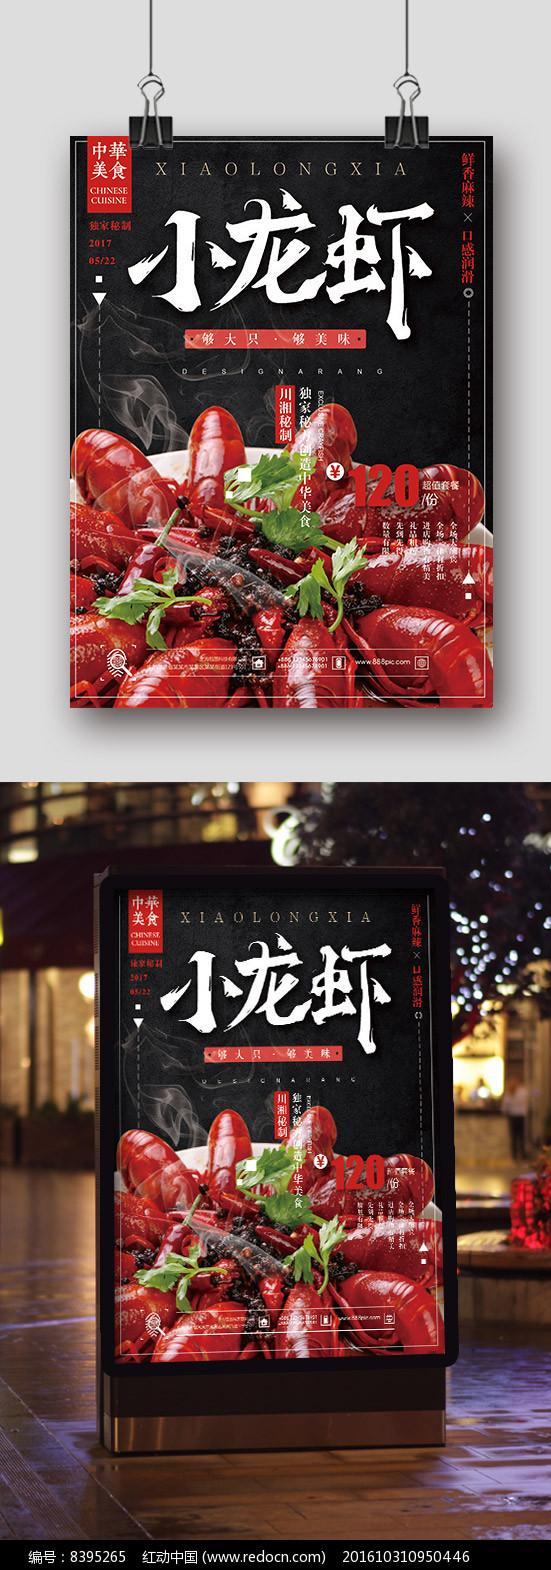 美食小龙虾简约黑红商业海报图片